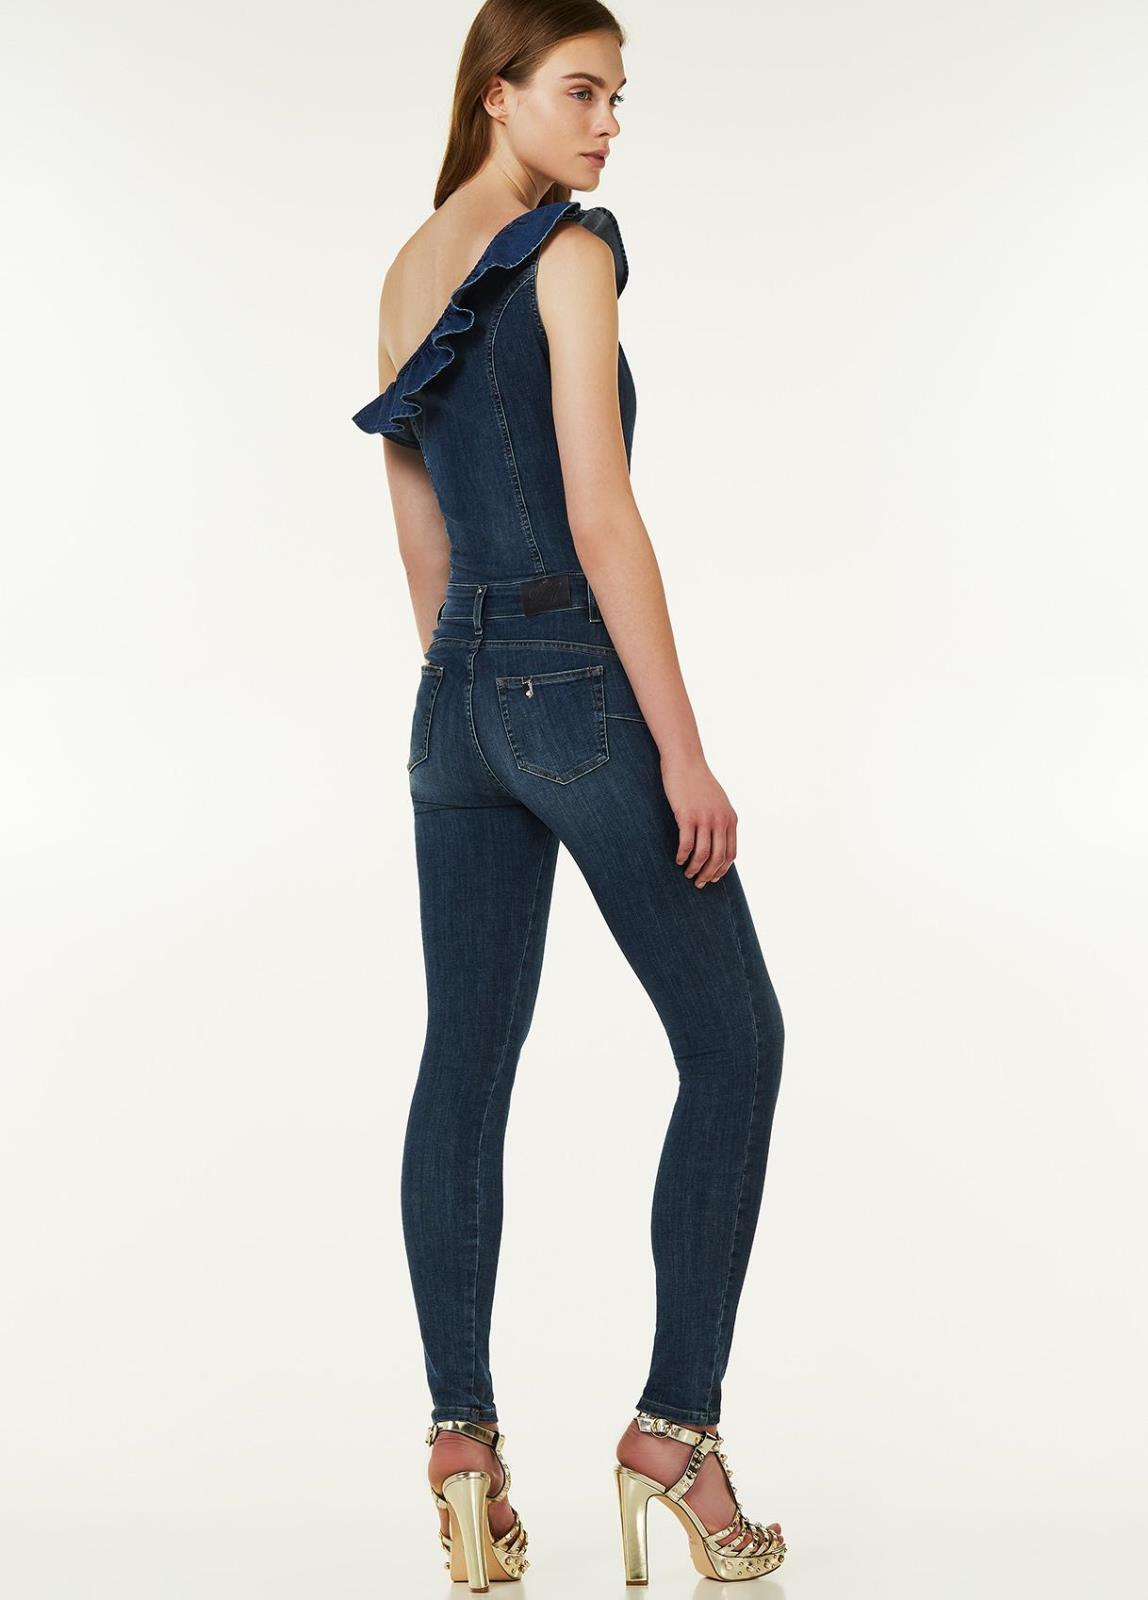 low priced 1ba12 62457 Salopette monospalla in jeans Liu Jo